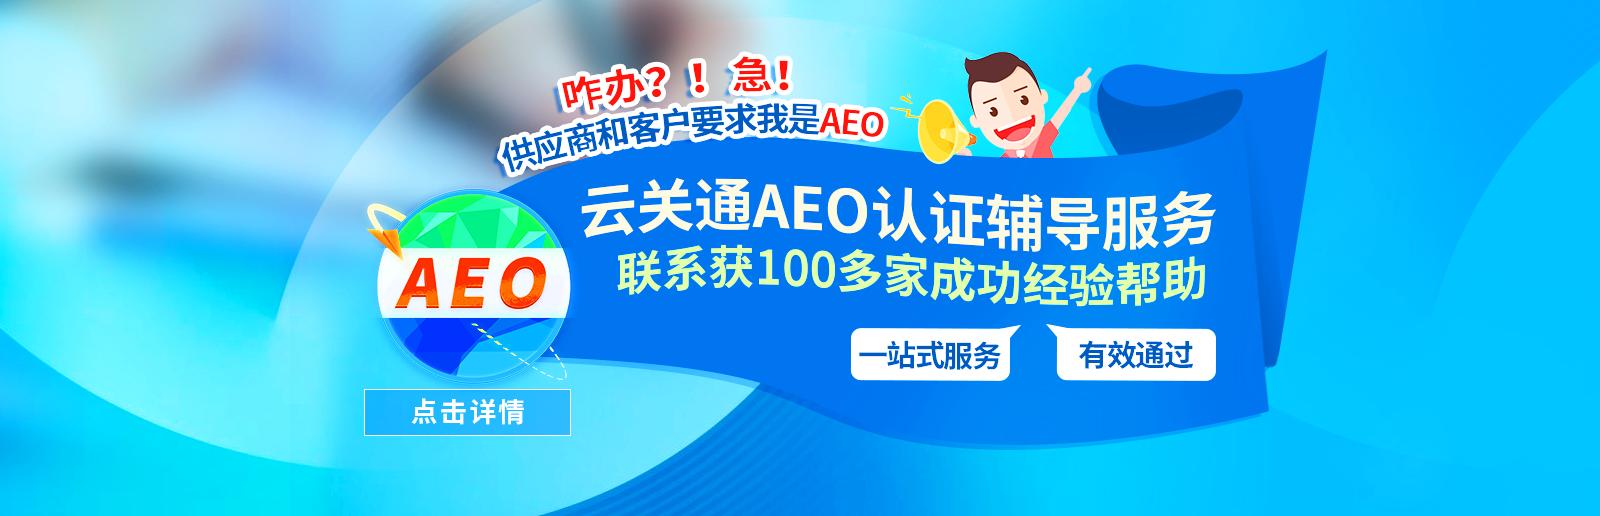 亿博国际网站AEO认证辅导服务